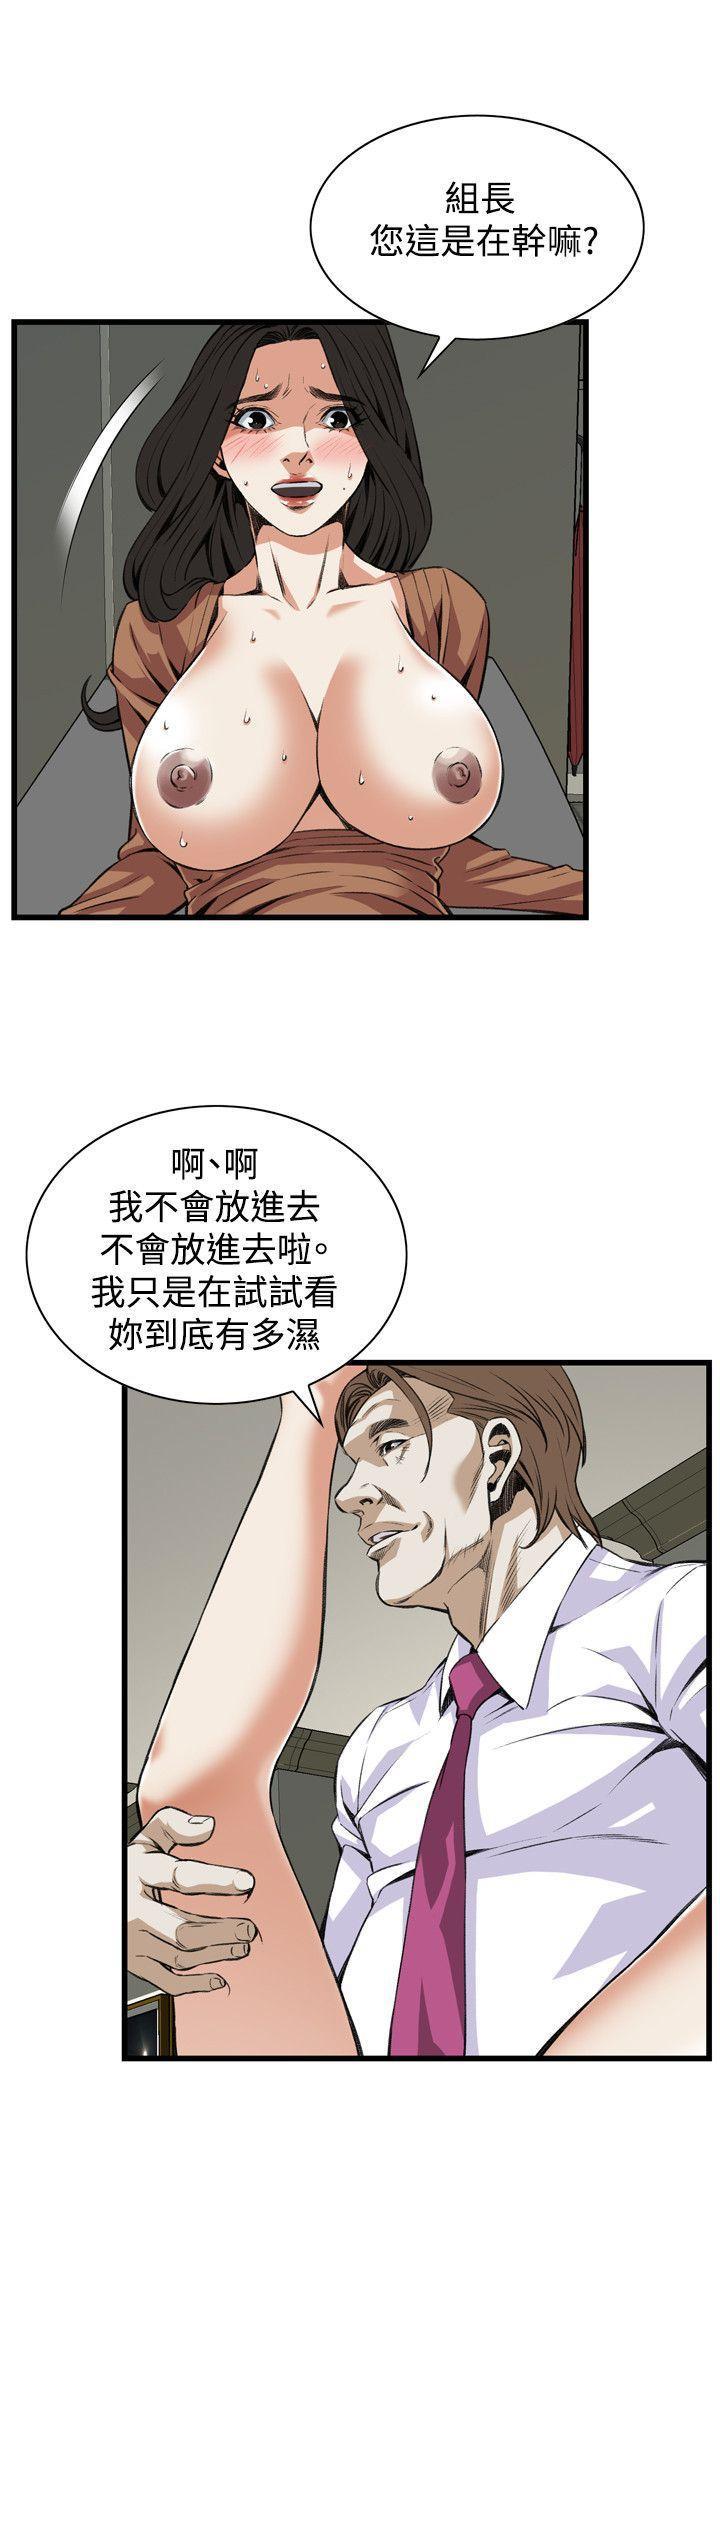 偷窥72-93 Chinese Rsiky 257